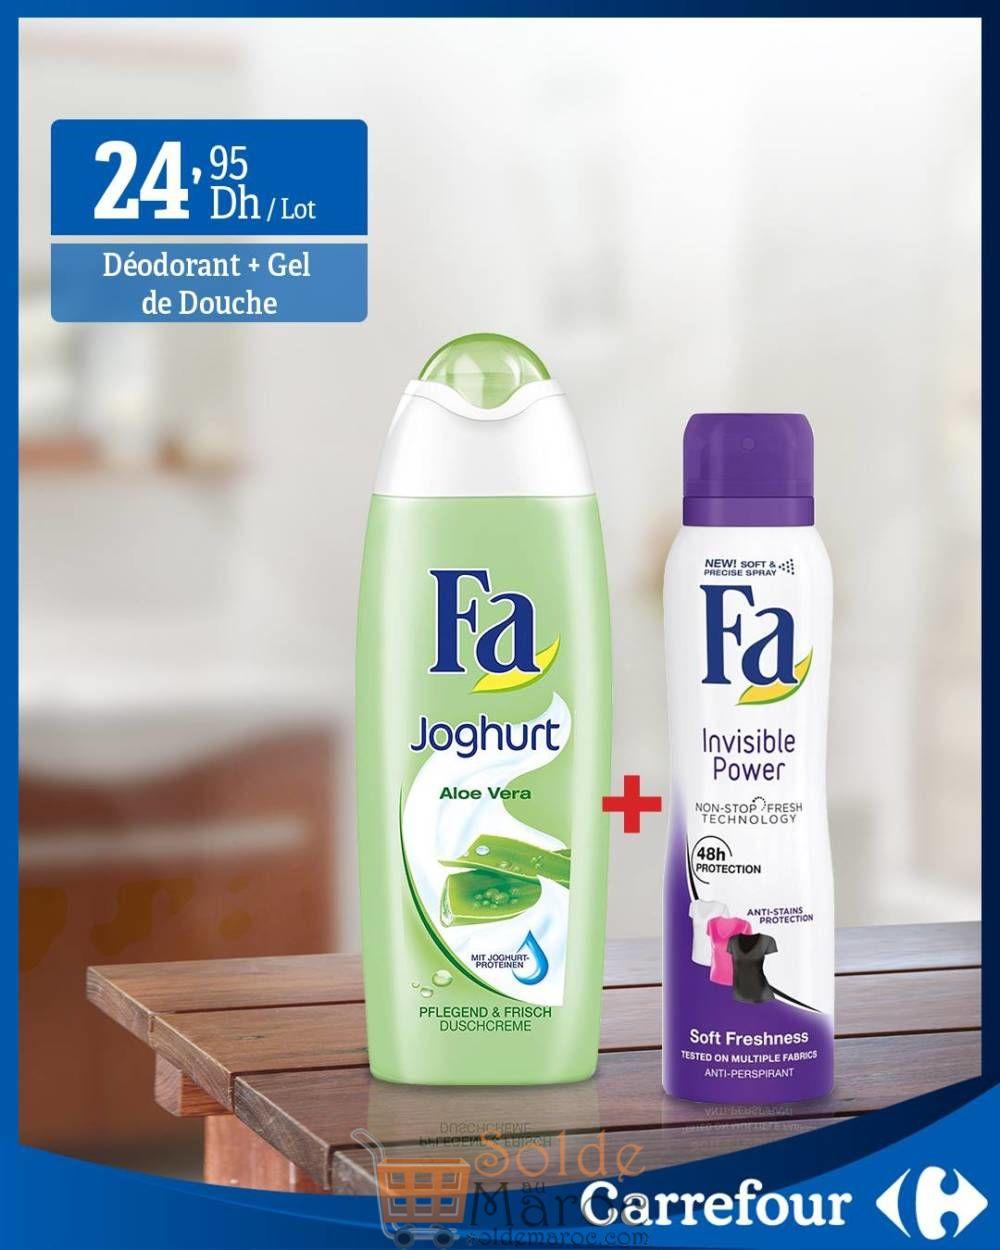 Pack Déodorant + Gel de douche Fa en promo chez Carrefour Maroc